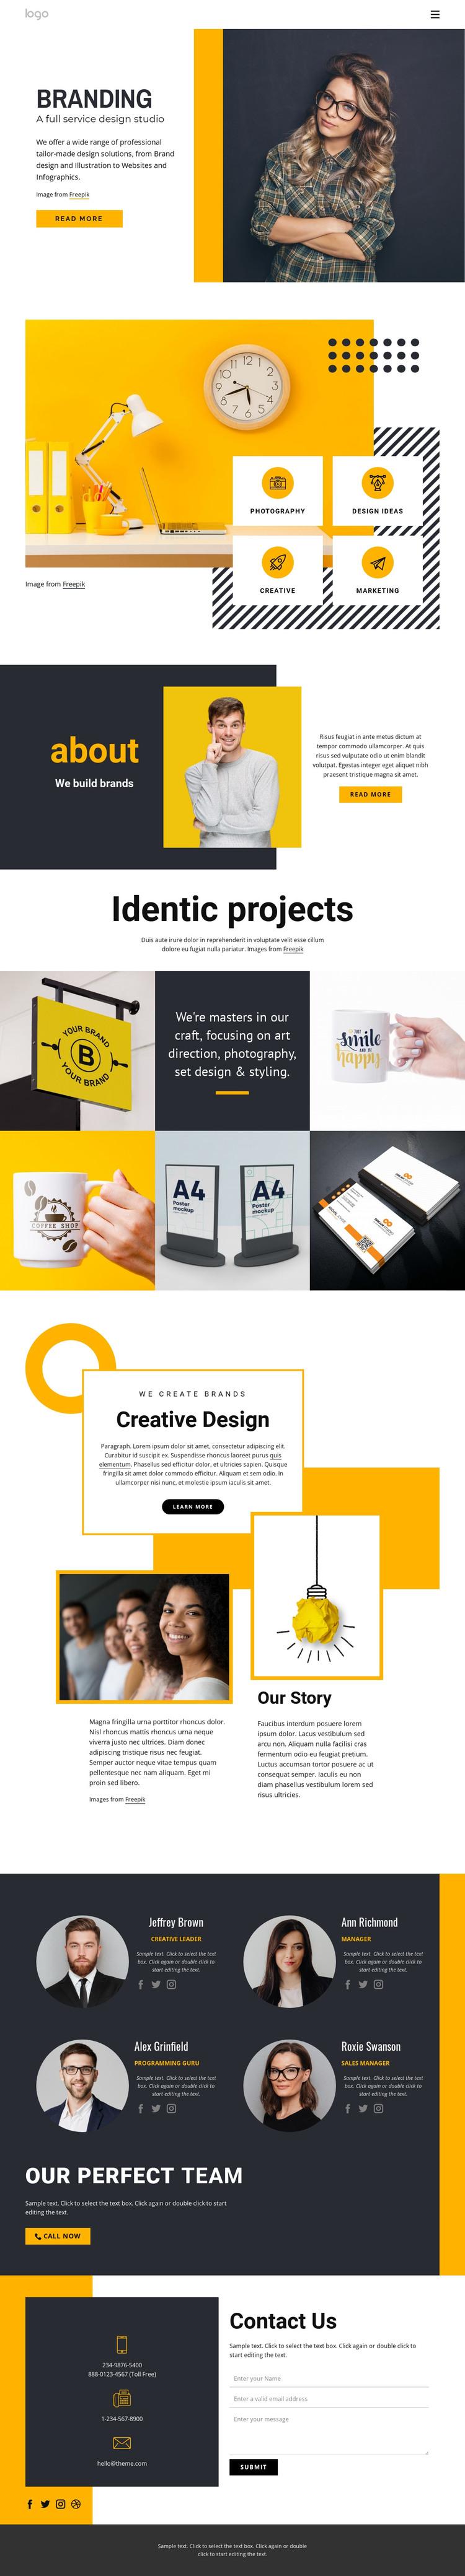 Full-service design studio Web Design